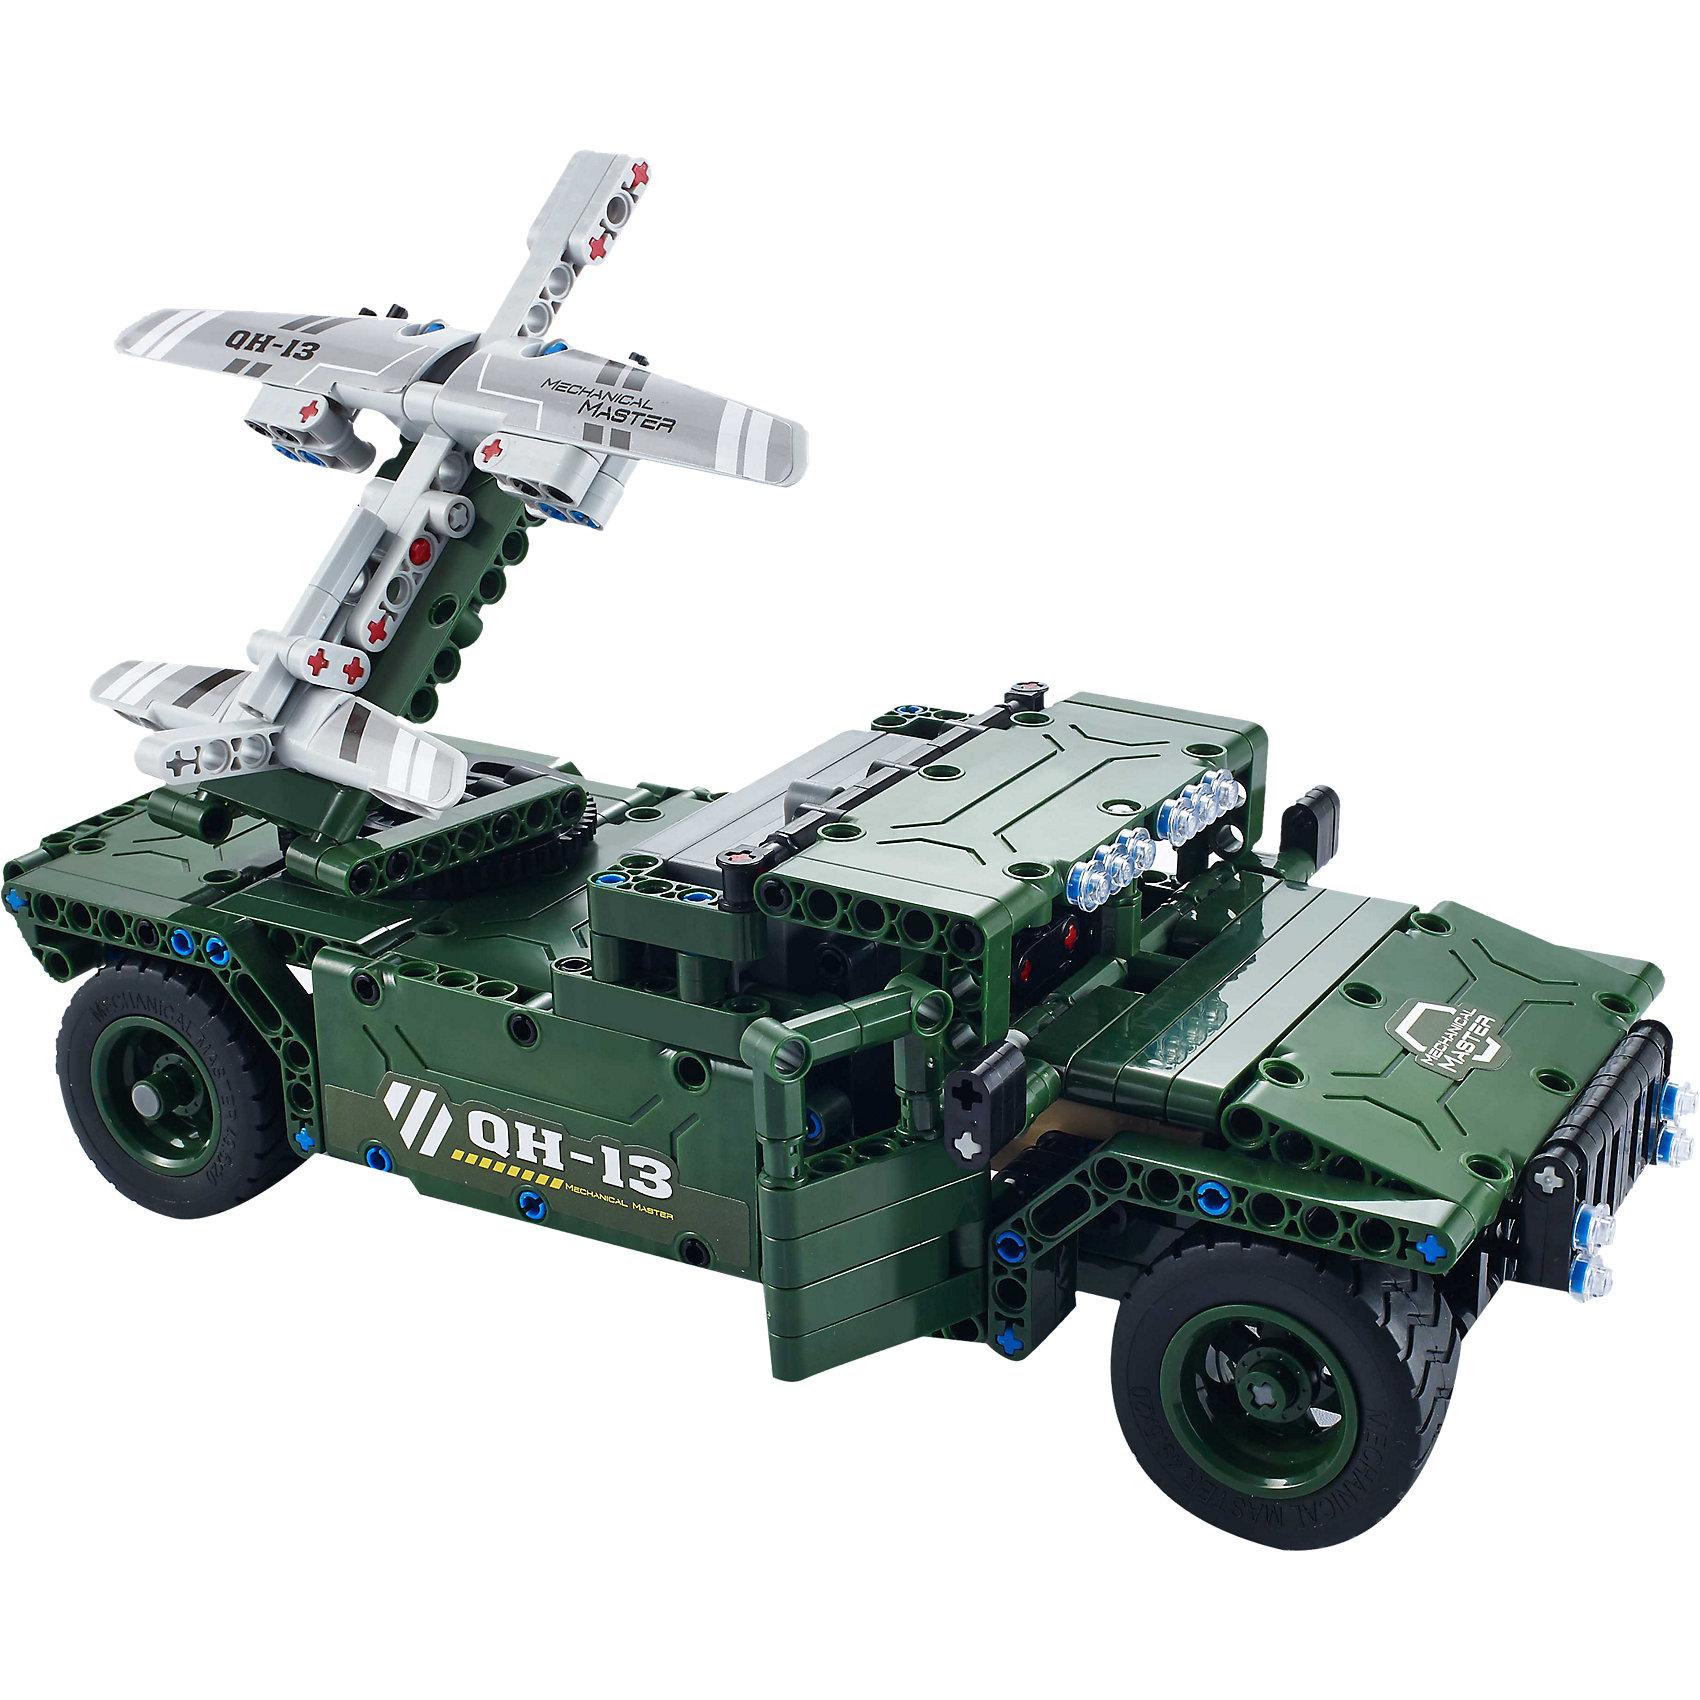 Конструктор электромеханический UAV Carrier, 506 деталей, QiHuiКонструктор электромеханический UAV Carrier, 506 деталей, QiHui<br><br>Характеристики:<br><br>• Возраст: от 7 лет<br>• Количество деталей: 506<br>• В комплекте: инструкция, детали для сборки, пульт управления и антенна, аккумулятор, зарядное устройство<br>• Дальность действия: 20 метров<br>• Максимальная скорость: 11 км/ч<br><br>Этот конструктор рекомендуется для игр детей от 7 лет. В процессе работы с ним ребенок может не только увлечься и провести долгое время за изучением набора, но и развивать свое пространственное мышление, мелкую моторику и, конечно, воображение. Этот набор позволяет ребенку собрать себе настоящий радиоуправляемый танк! <br><br>В комплект входит конструктор для сборки танка, пульт радиоуправления и аккумулятор. Дальность действия пульта составляет 20 метров. Готовый танк может ездить вперед-назад и поворачивать влево-вправо. Его максимальная скорость – 11 км/ч. <br><br>Конструктор электромеханический UAV Carrier, 506 деталей, QiHui можно купить в нашем интернет-магазине.<br><br>Ширина мм: 370<br>Глубина мм: 520<br>Высота мм: 65<br>Вес г: 1080<br>Возраст от месяцев: 72<br>Возраст до месяцев: 2147483647<br>Пол: Мужской<br>Возраст: Детский<br>SKU: 5430823